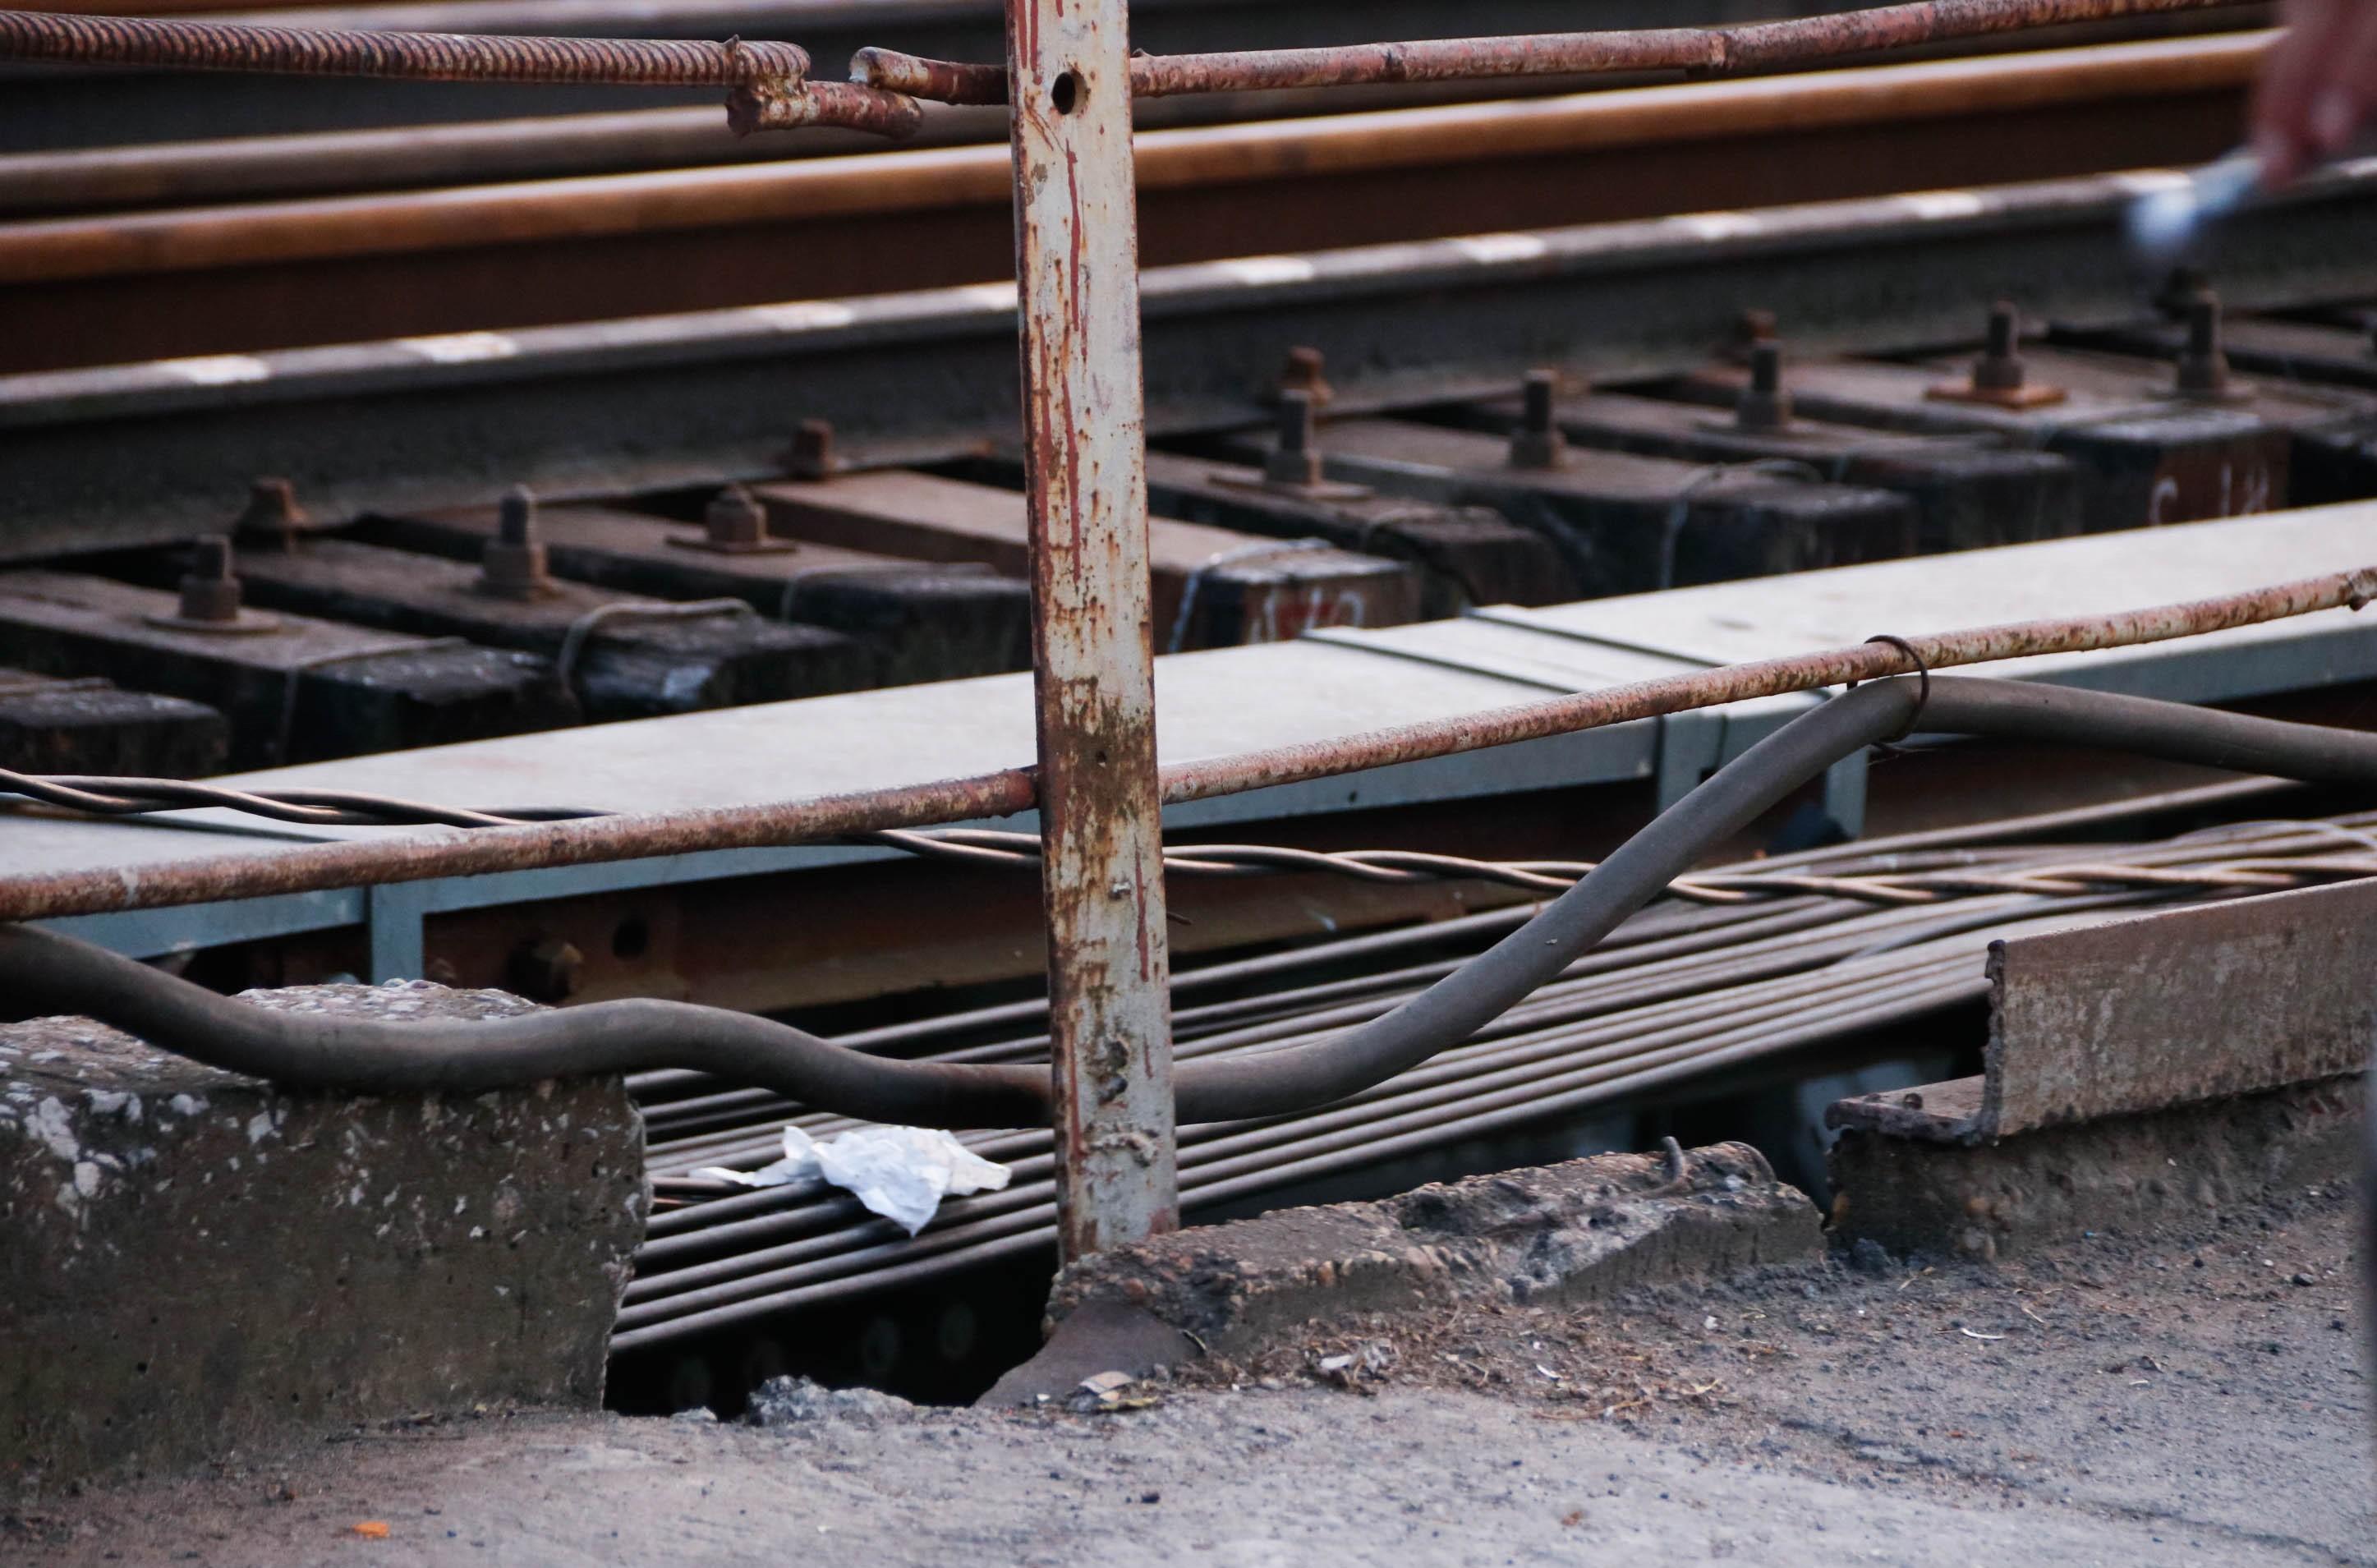 Cầu Long Biên xuống cấp đến không ngờ, mặt đường bị cày xới khiến người dân đi lại gặp nhiều khó khăn - Ảnh 2.